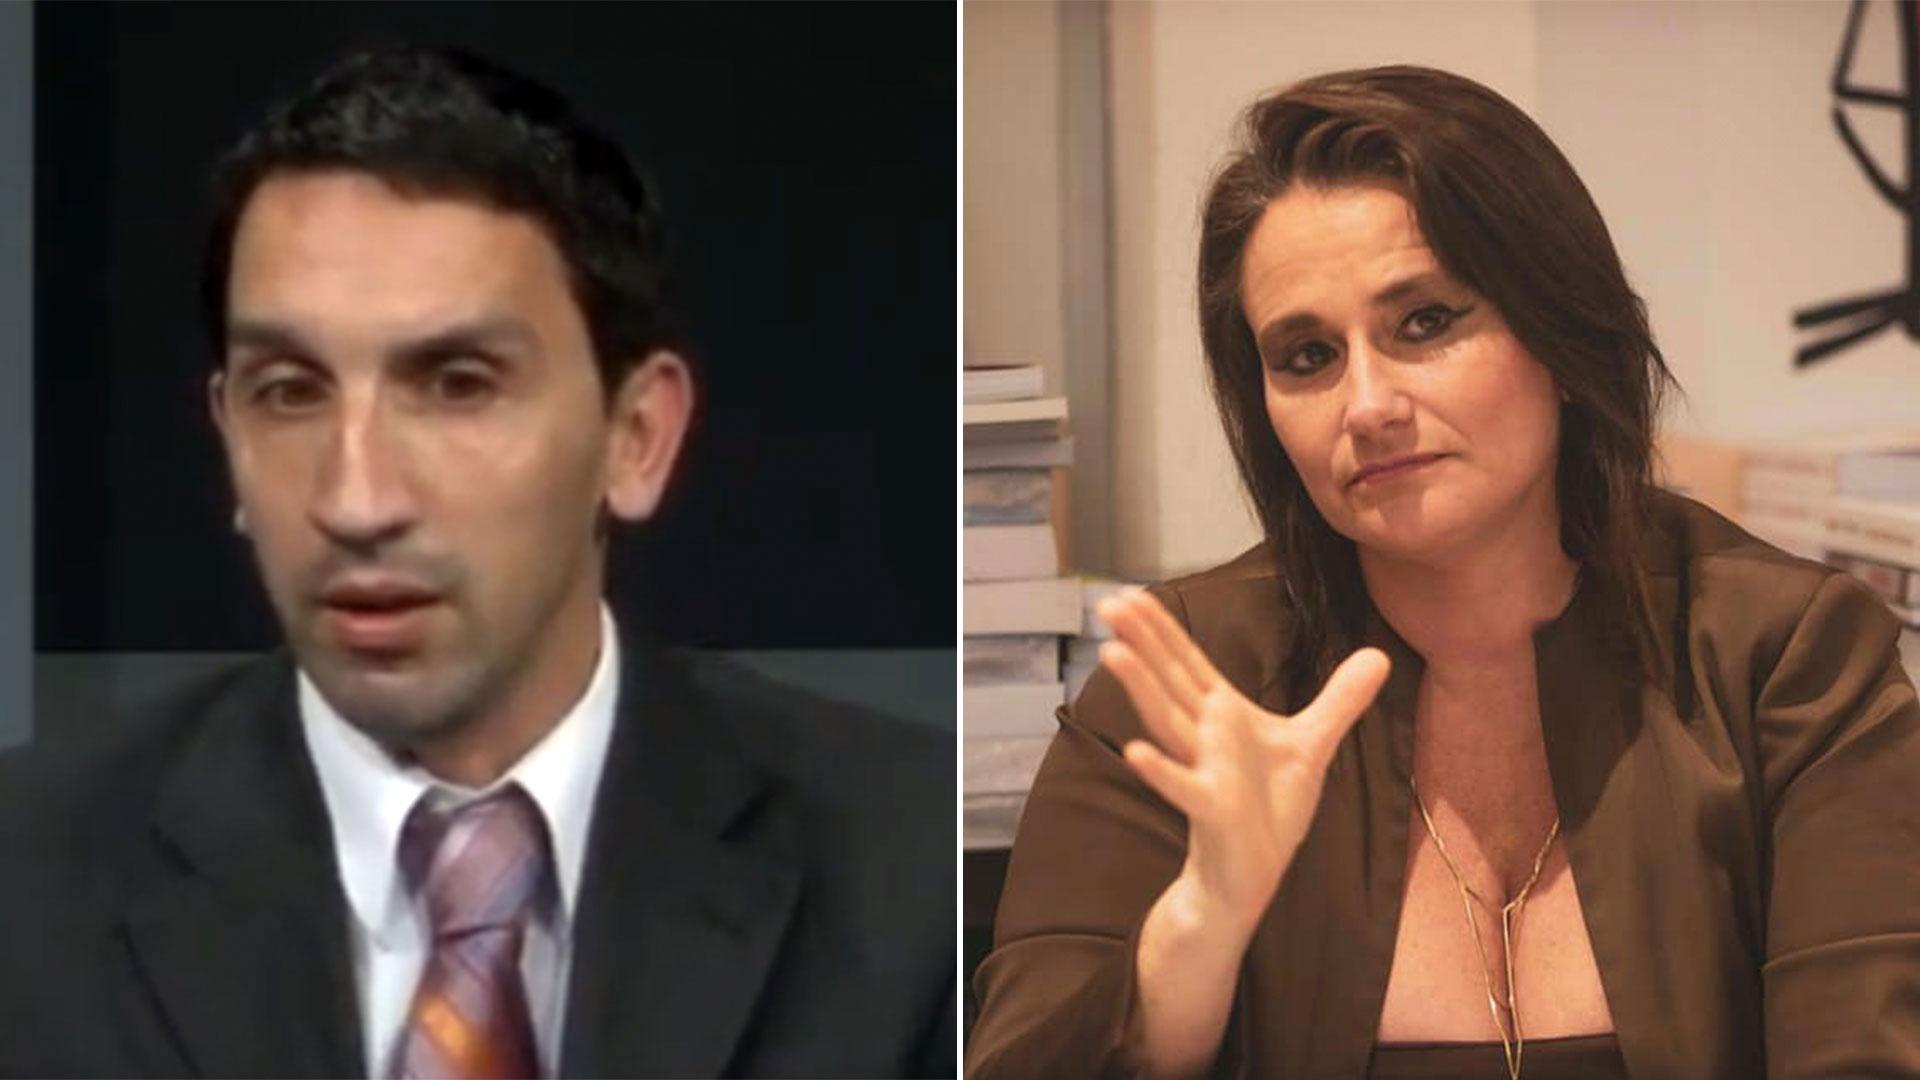 Abusso Internado Mas Ulino Porno ⚡ infobae: una médica forense denunció a un juez de la